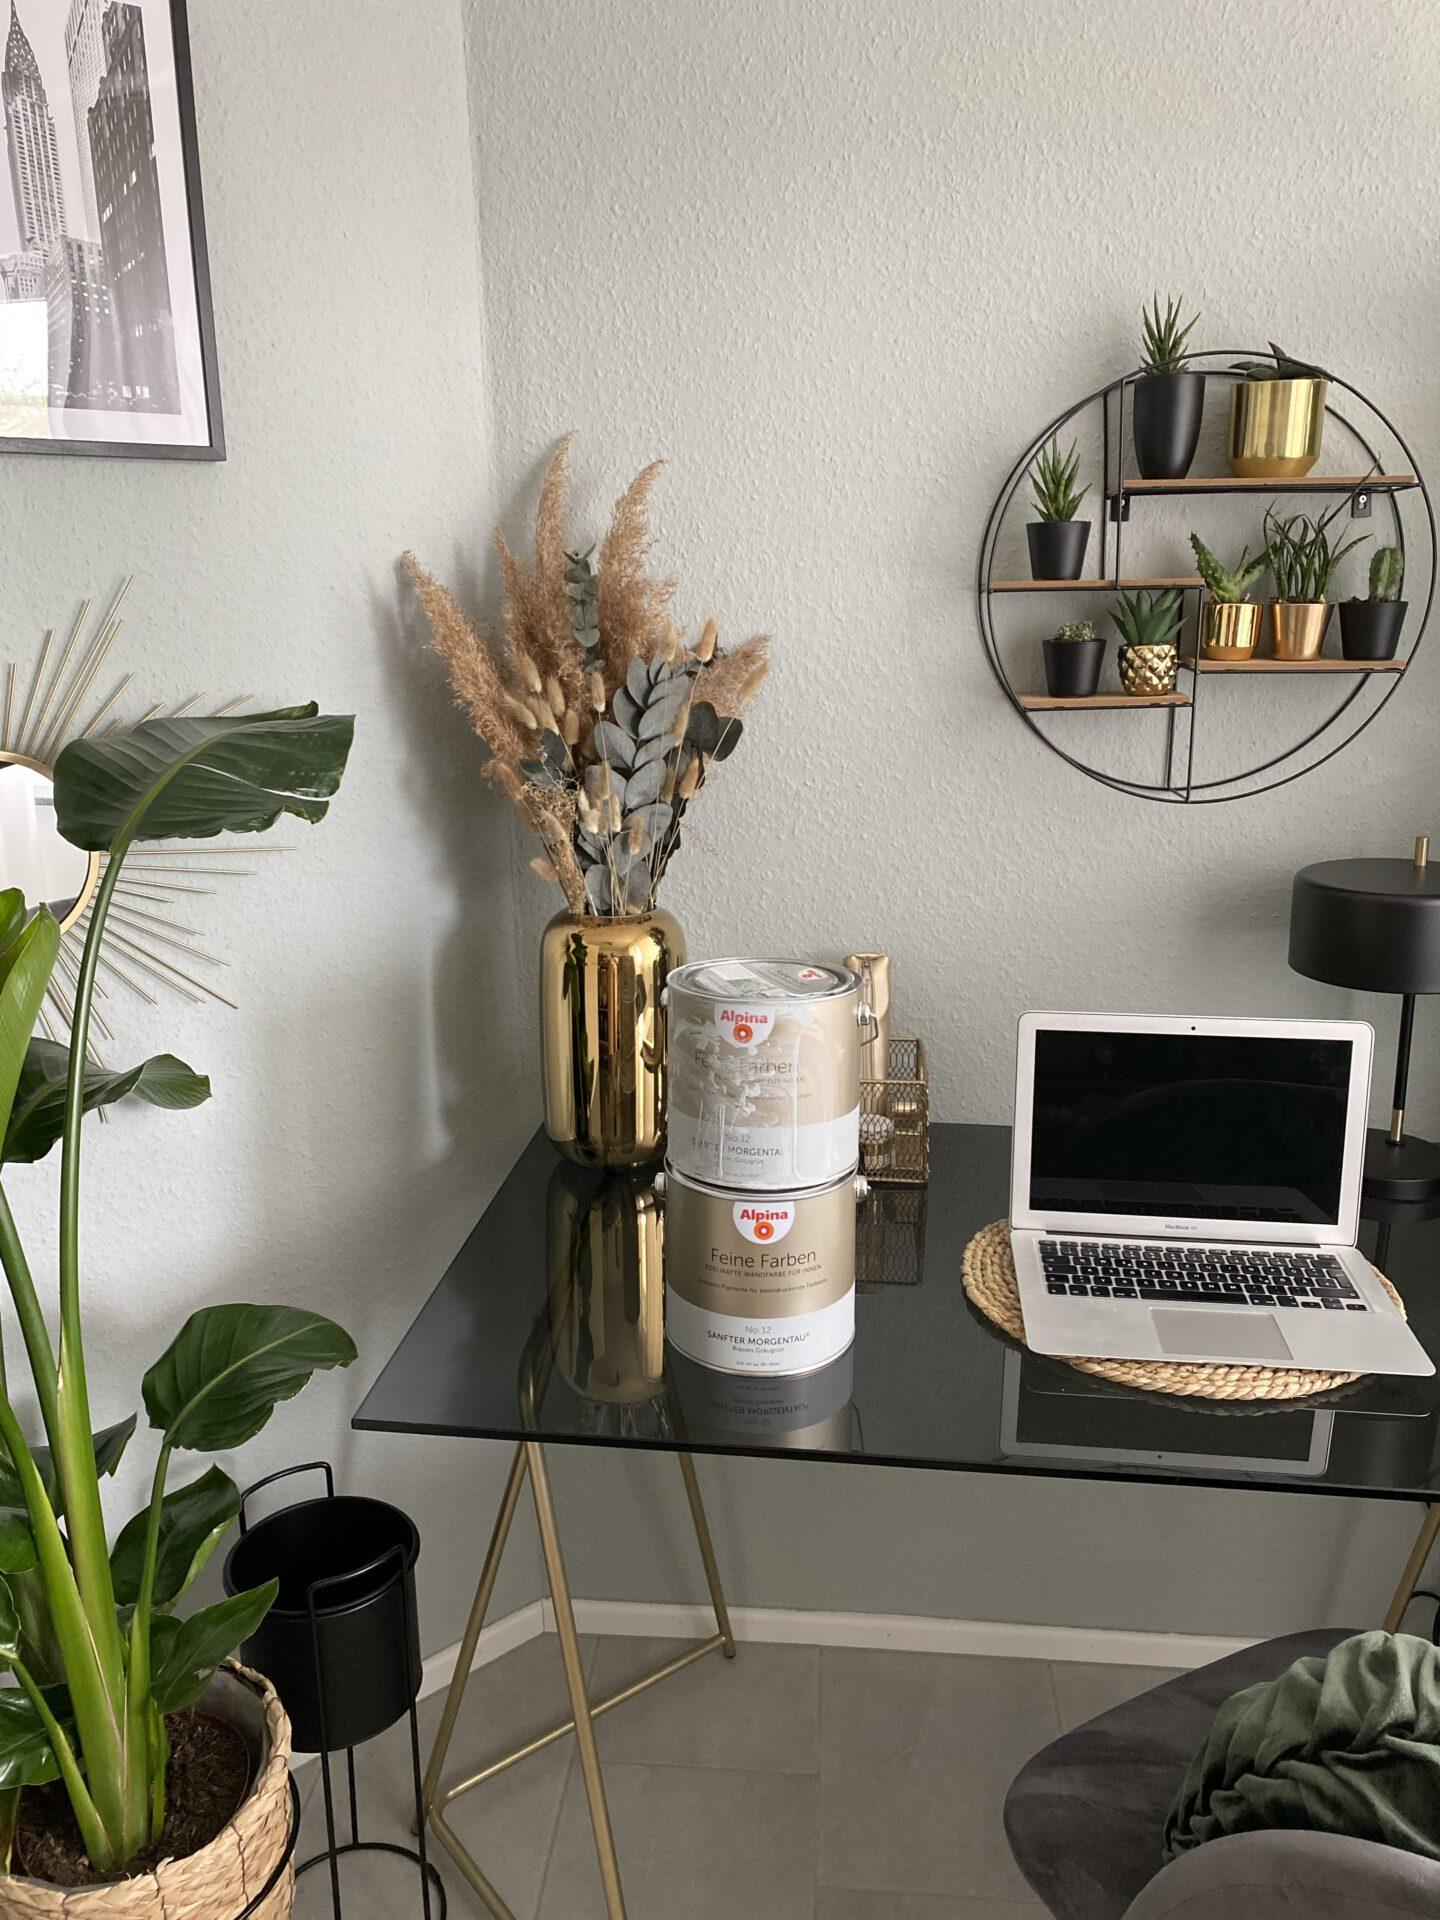 umzug-alpina-feine-farben-sanfter-morgentau-streichen-erfahrung-home-office-zuhause-arbeiten-buero-einrichten-shoppinator-diy-5